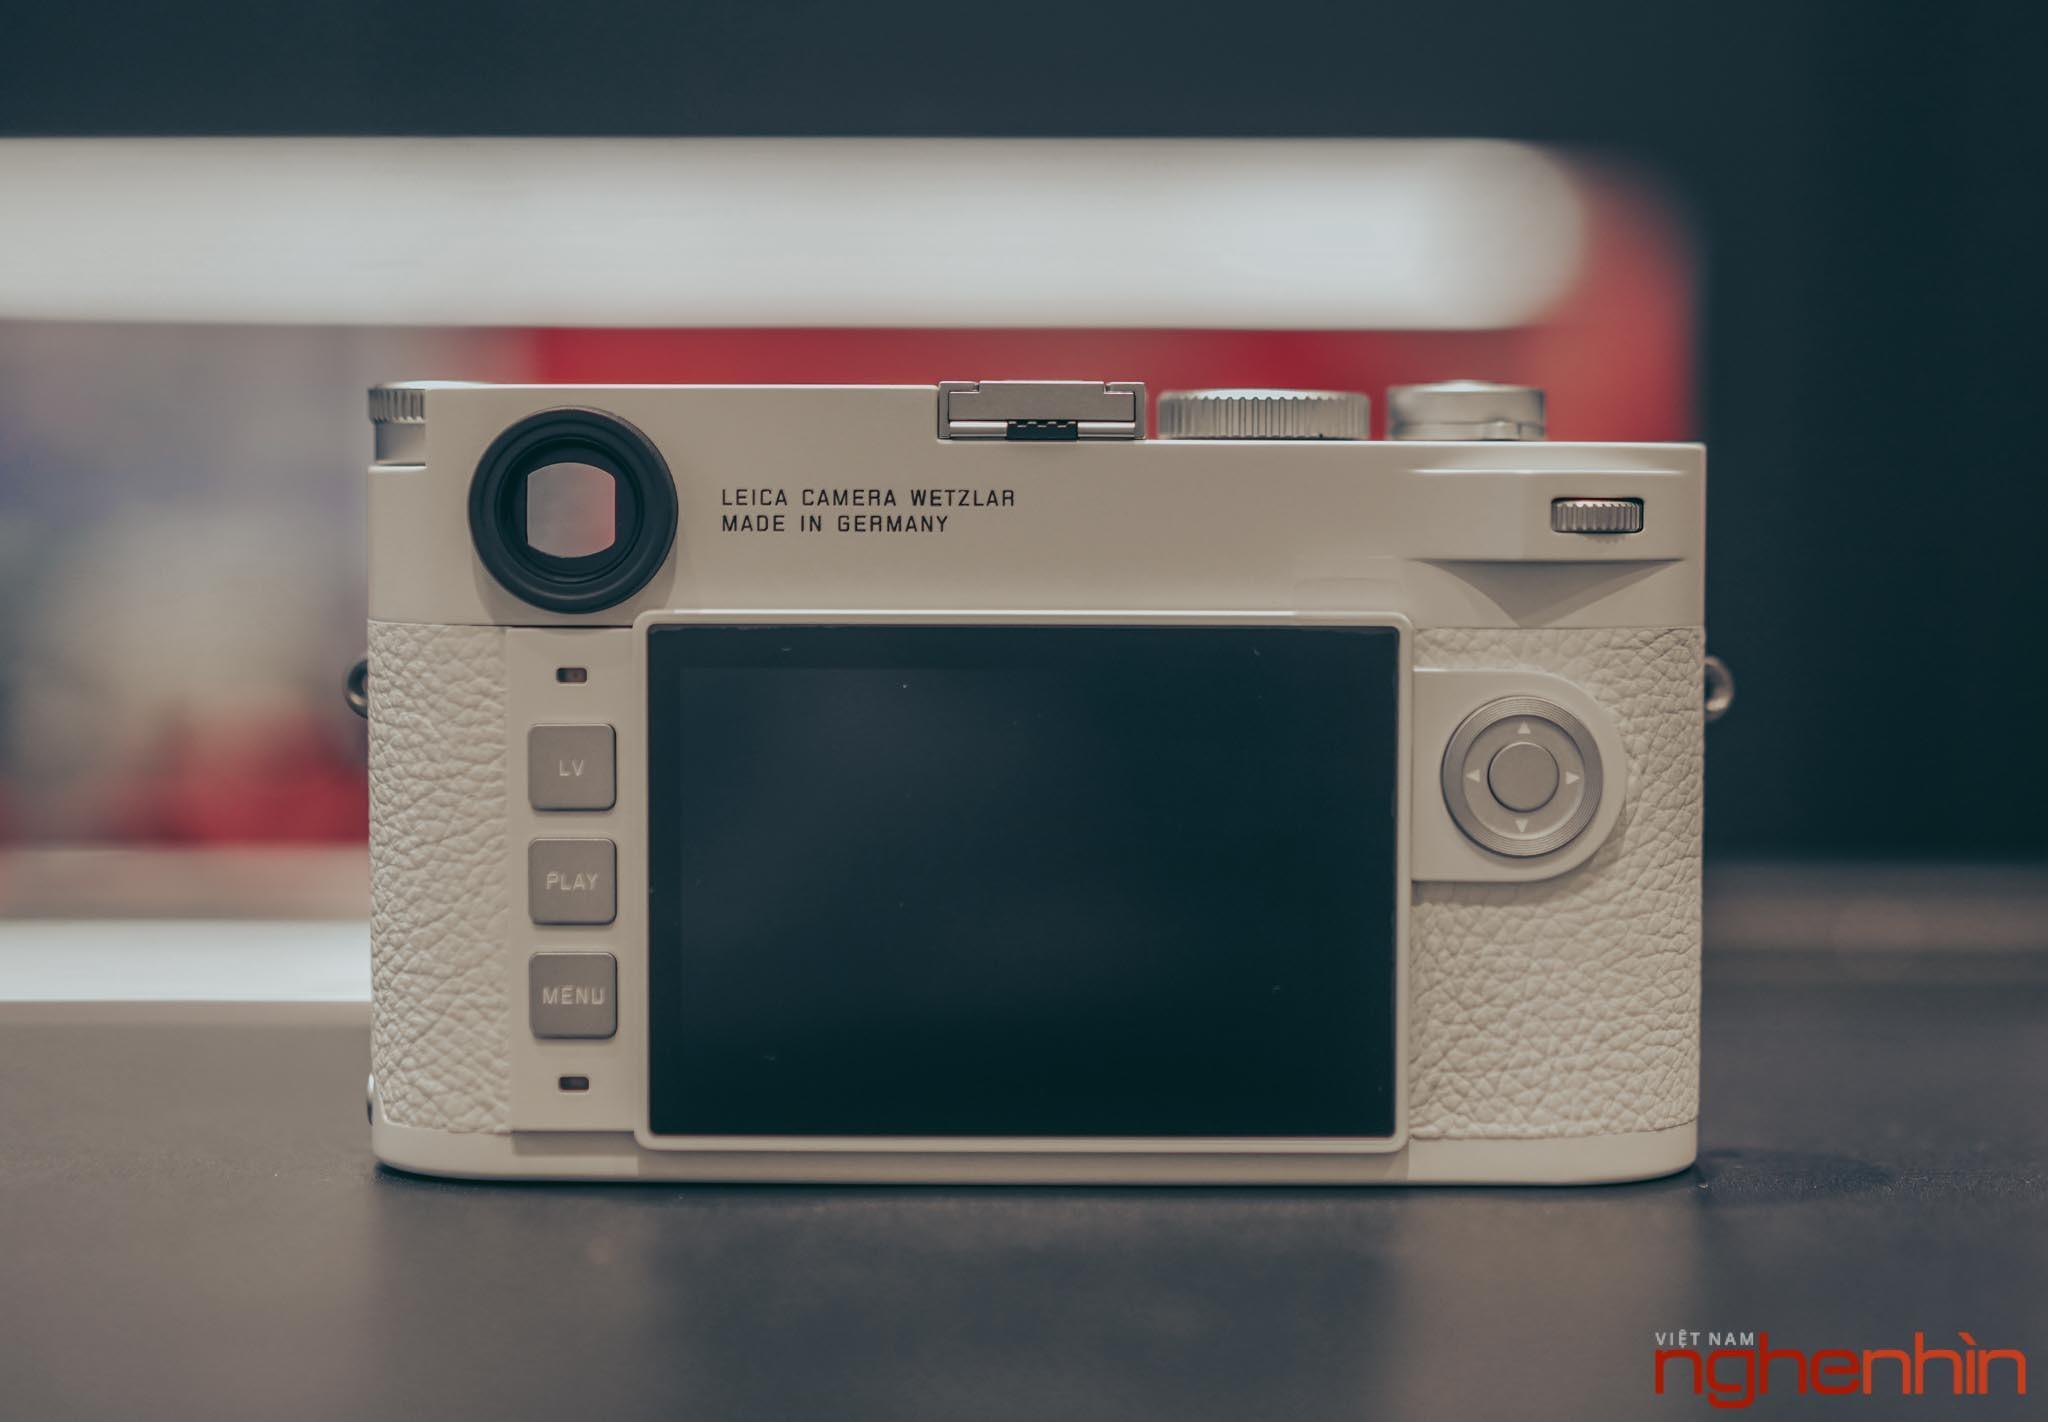 Trên tay Leica M10-P 'White' Edition tại Việt Nam: giá 420 triệu, giới hạn 350 chiếc Ảnh 2